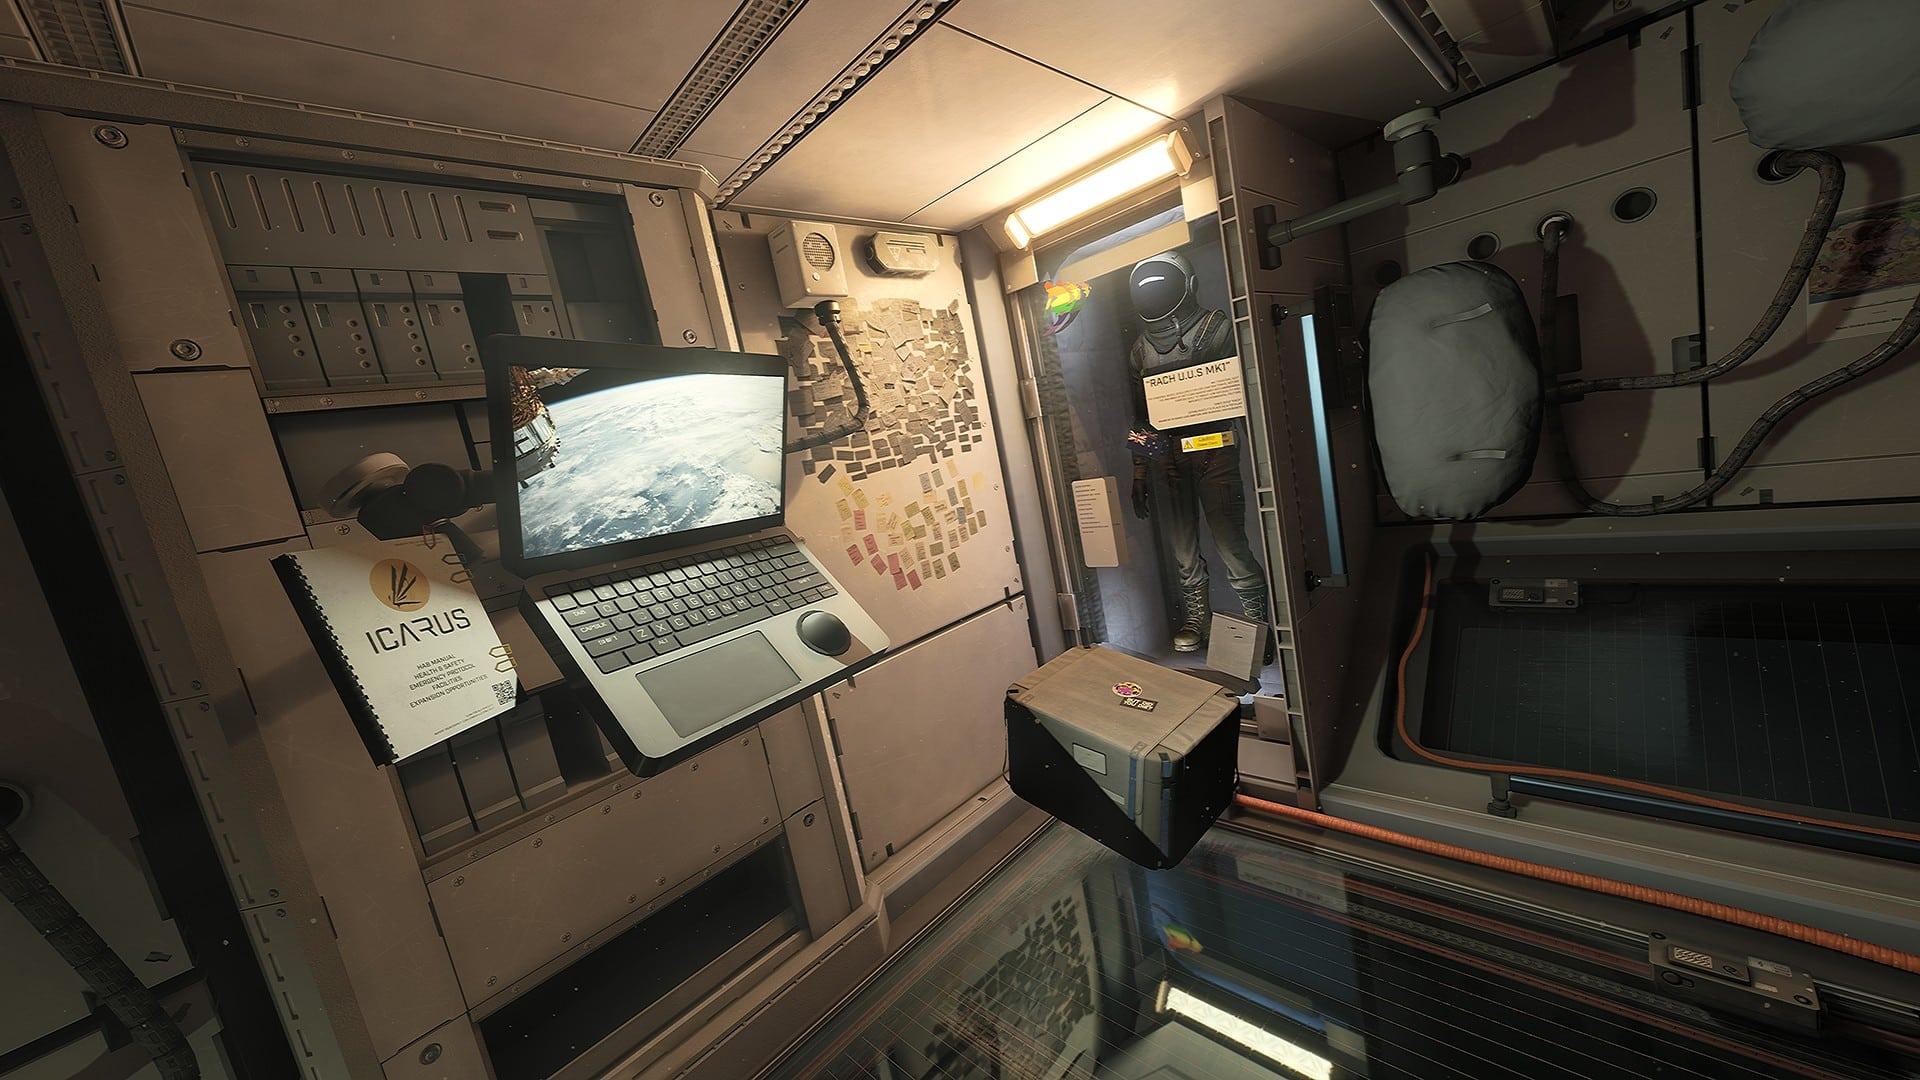 Icarus: Auf der Orbitalstation kannst du Technologien erforschen, die dir in der nächsten Mission helfen.